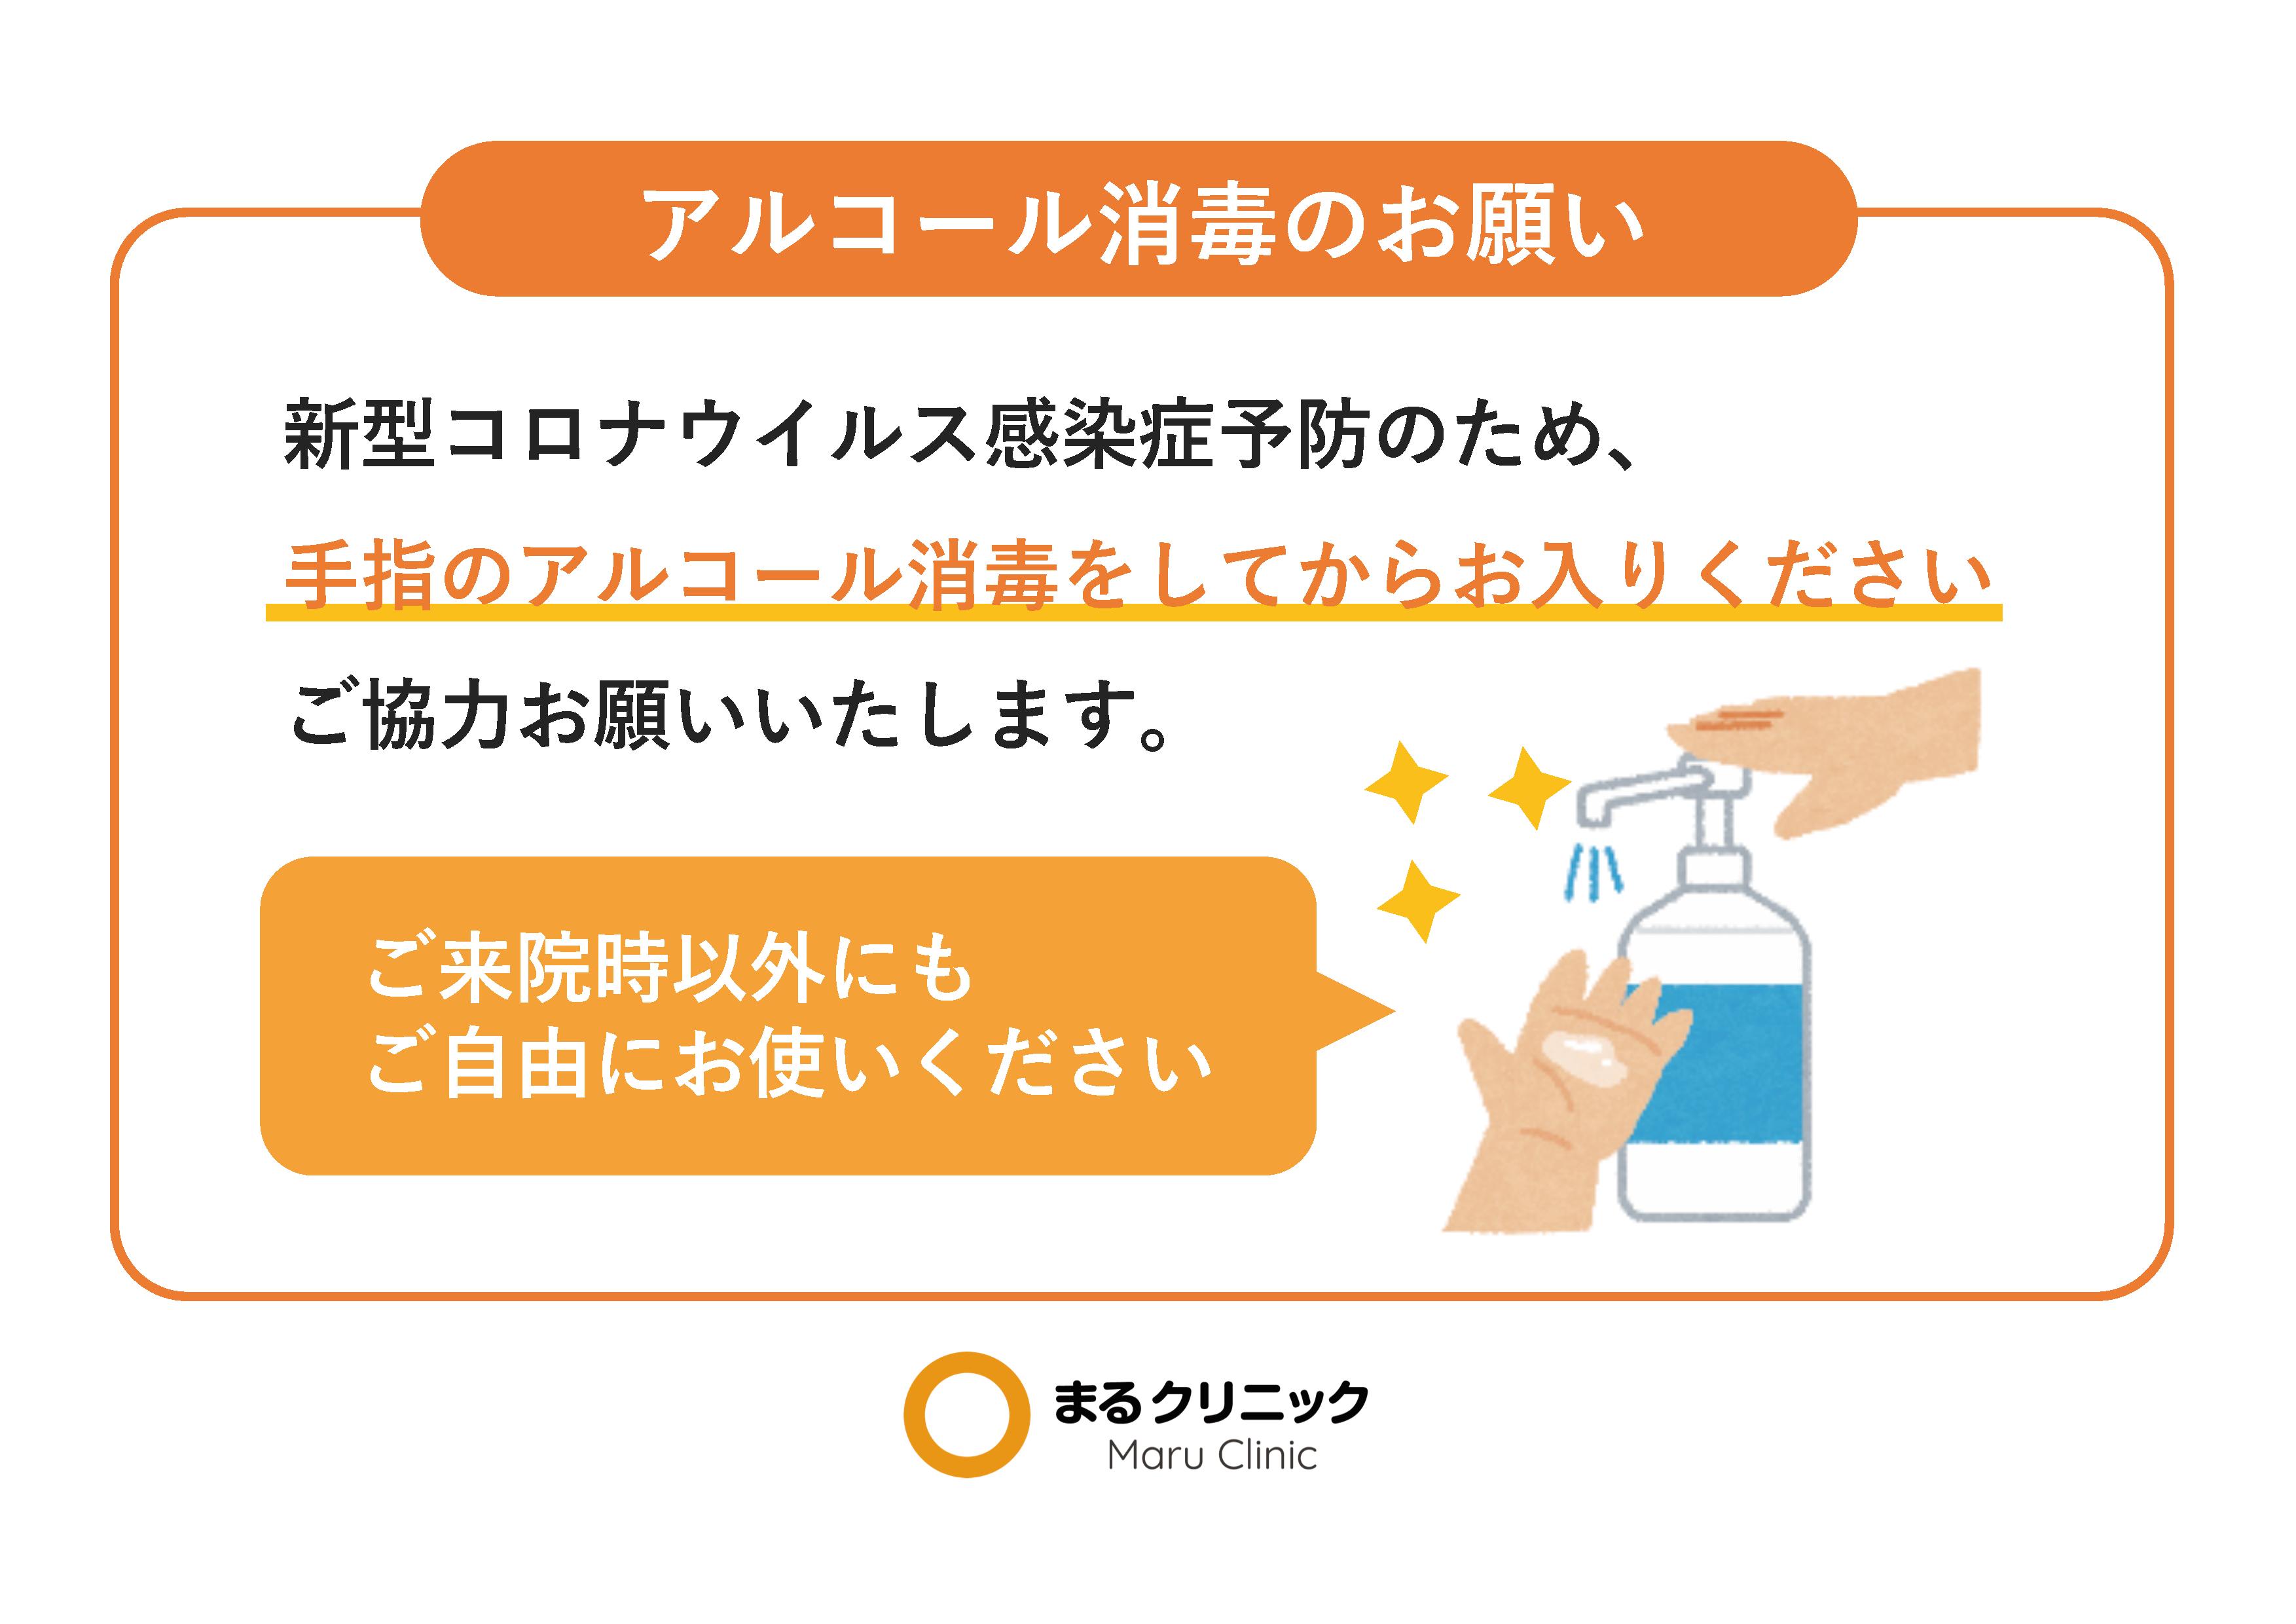 アルコール消毒のお願い【新型コロナウイルス対策ツール】